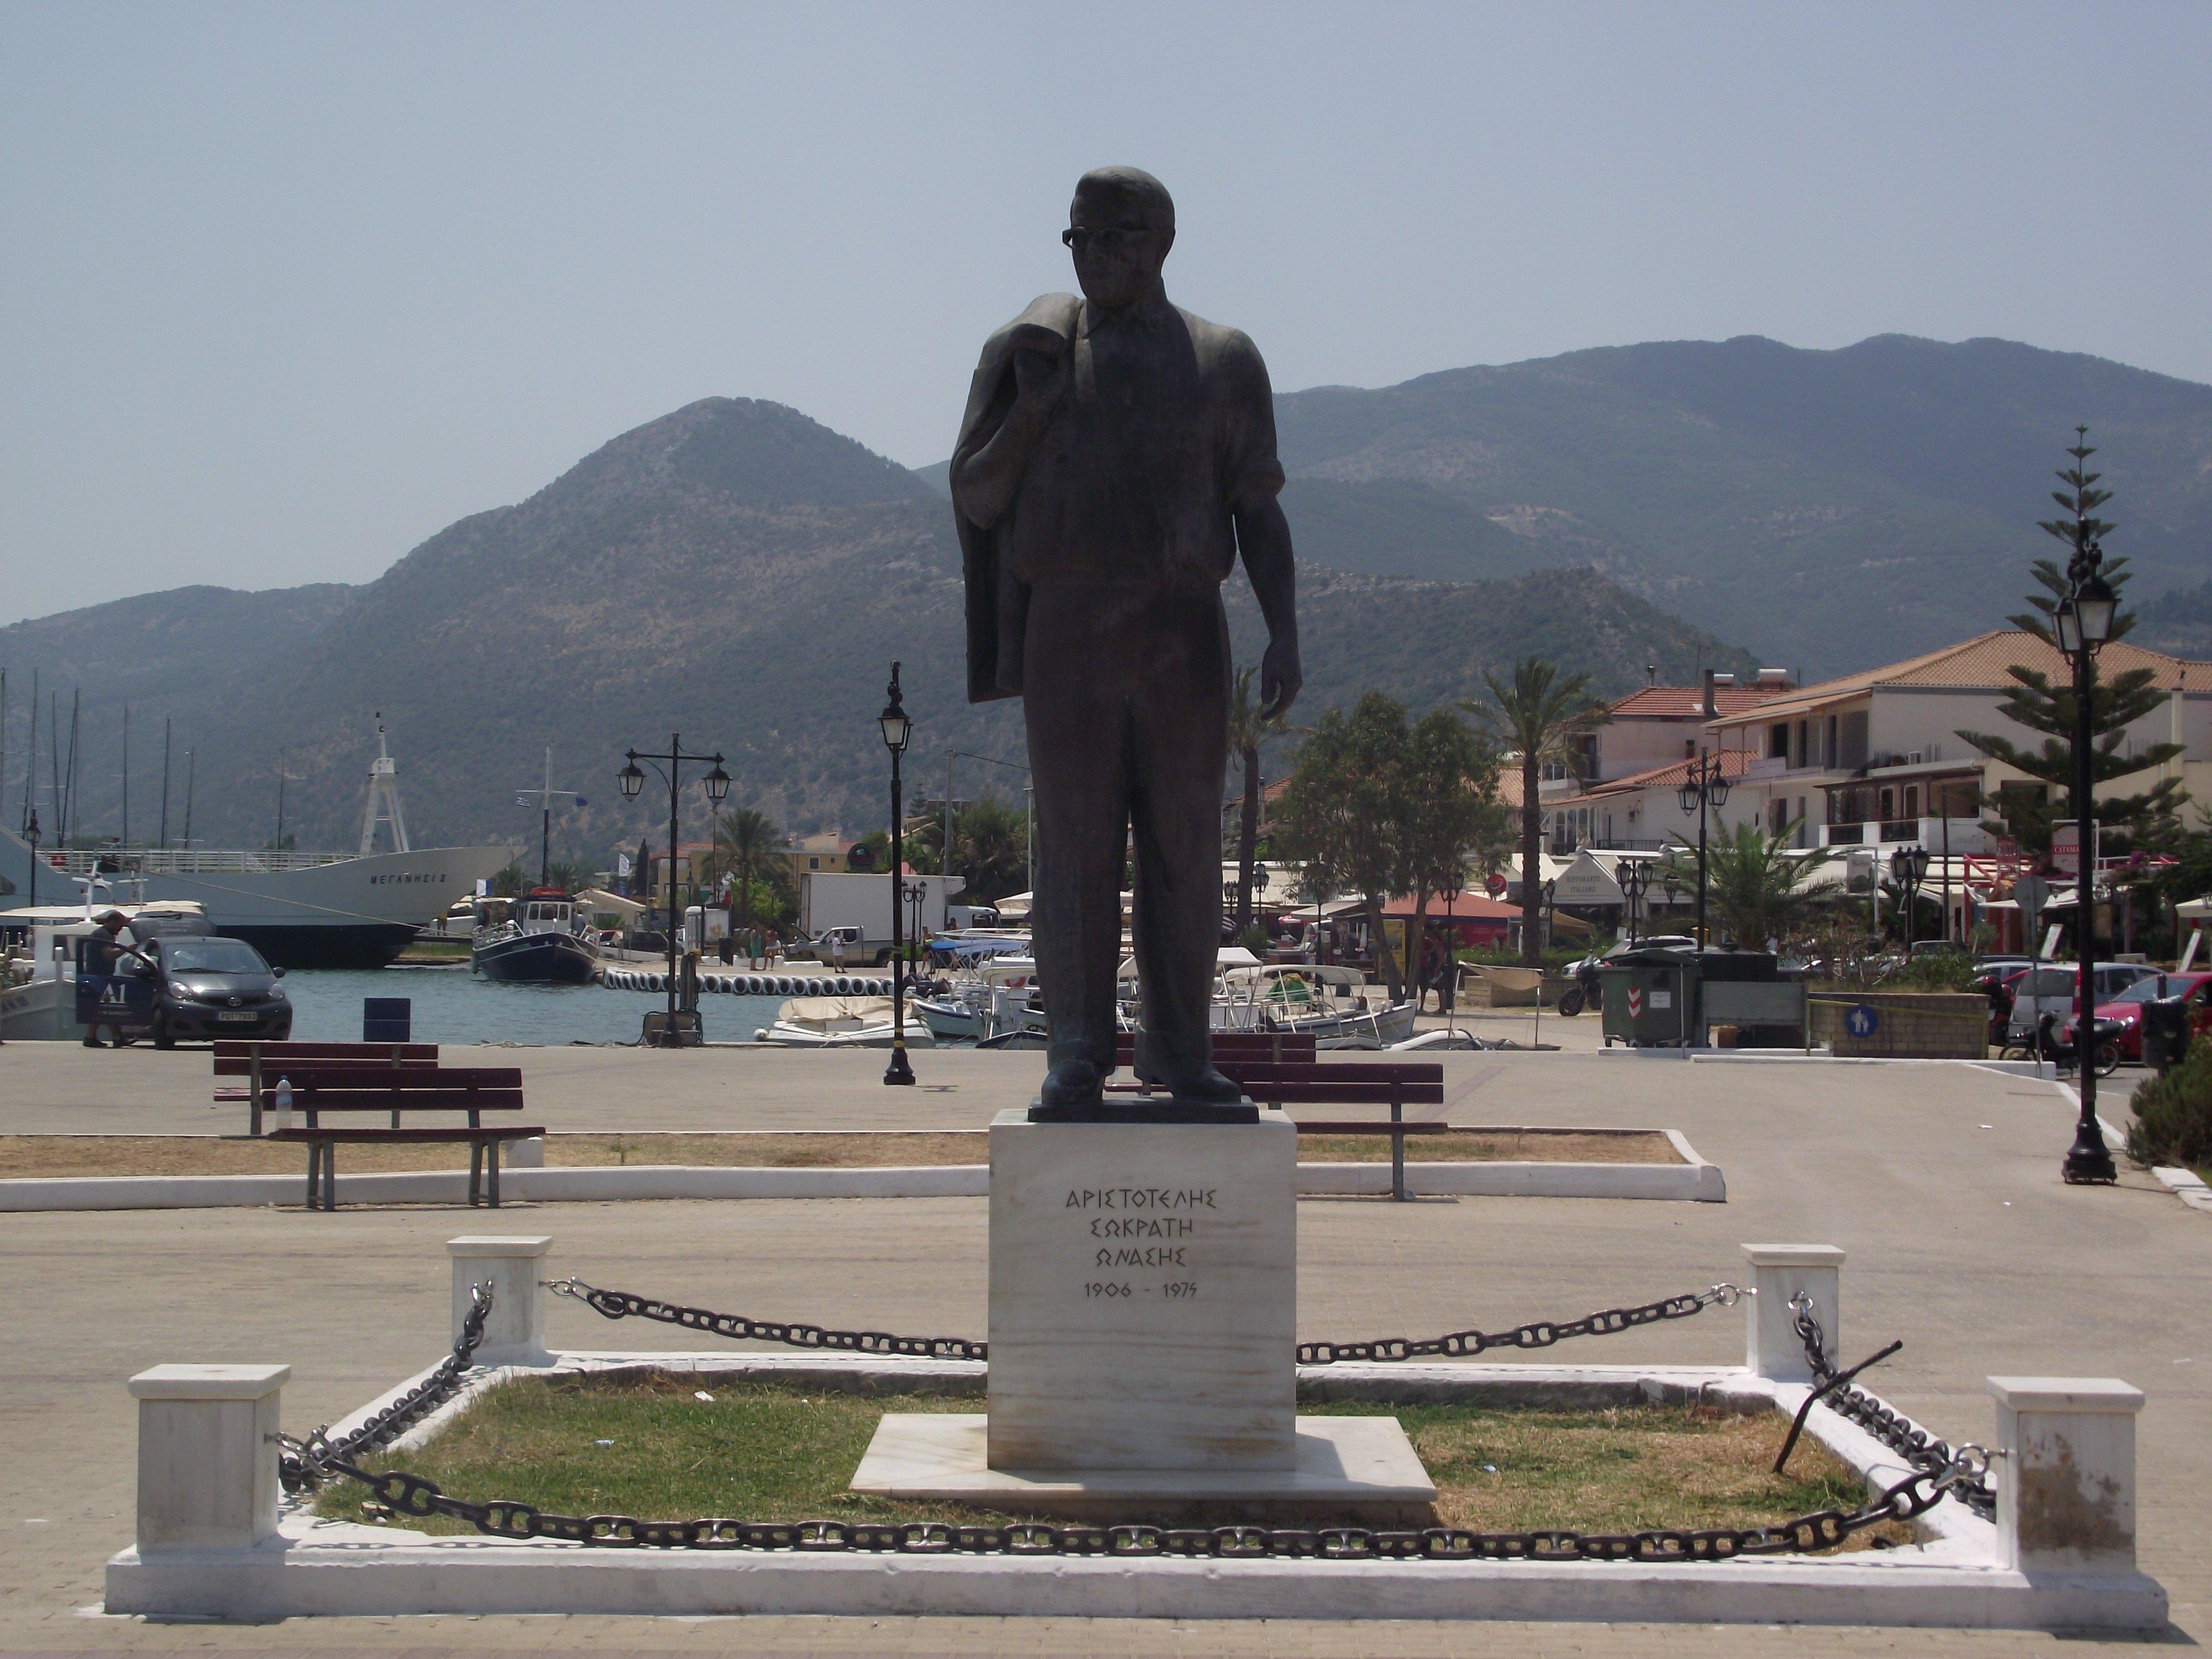 Aristotle Onasis Statue